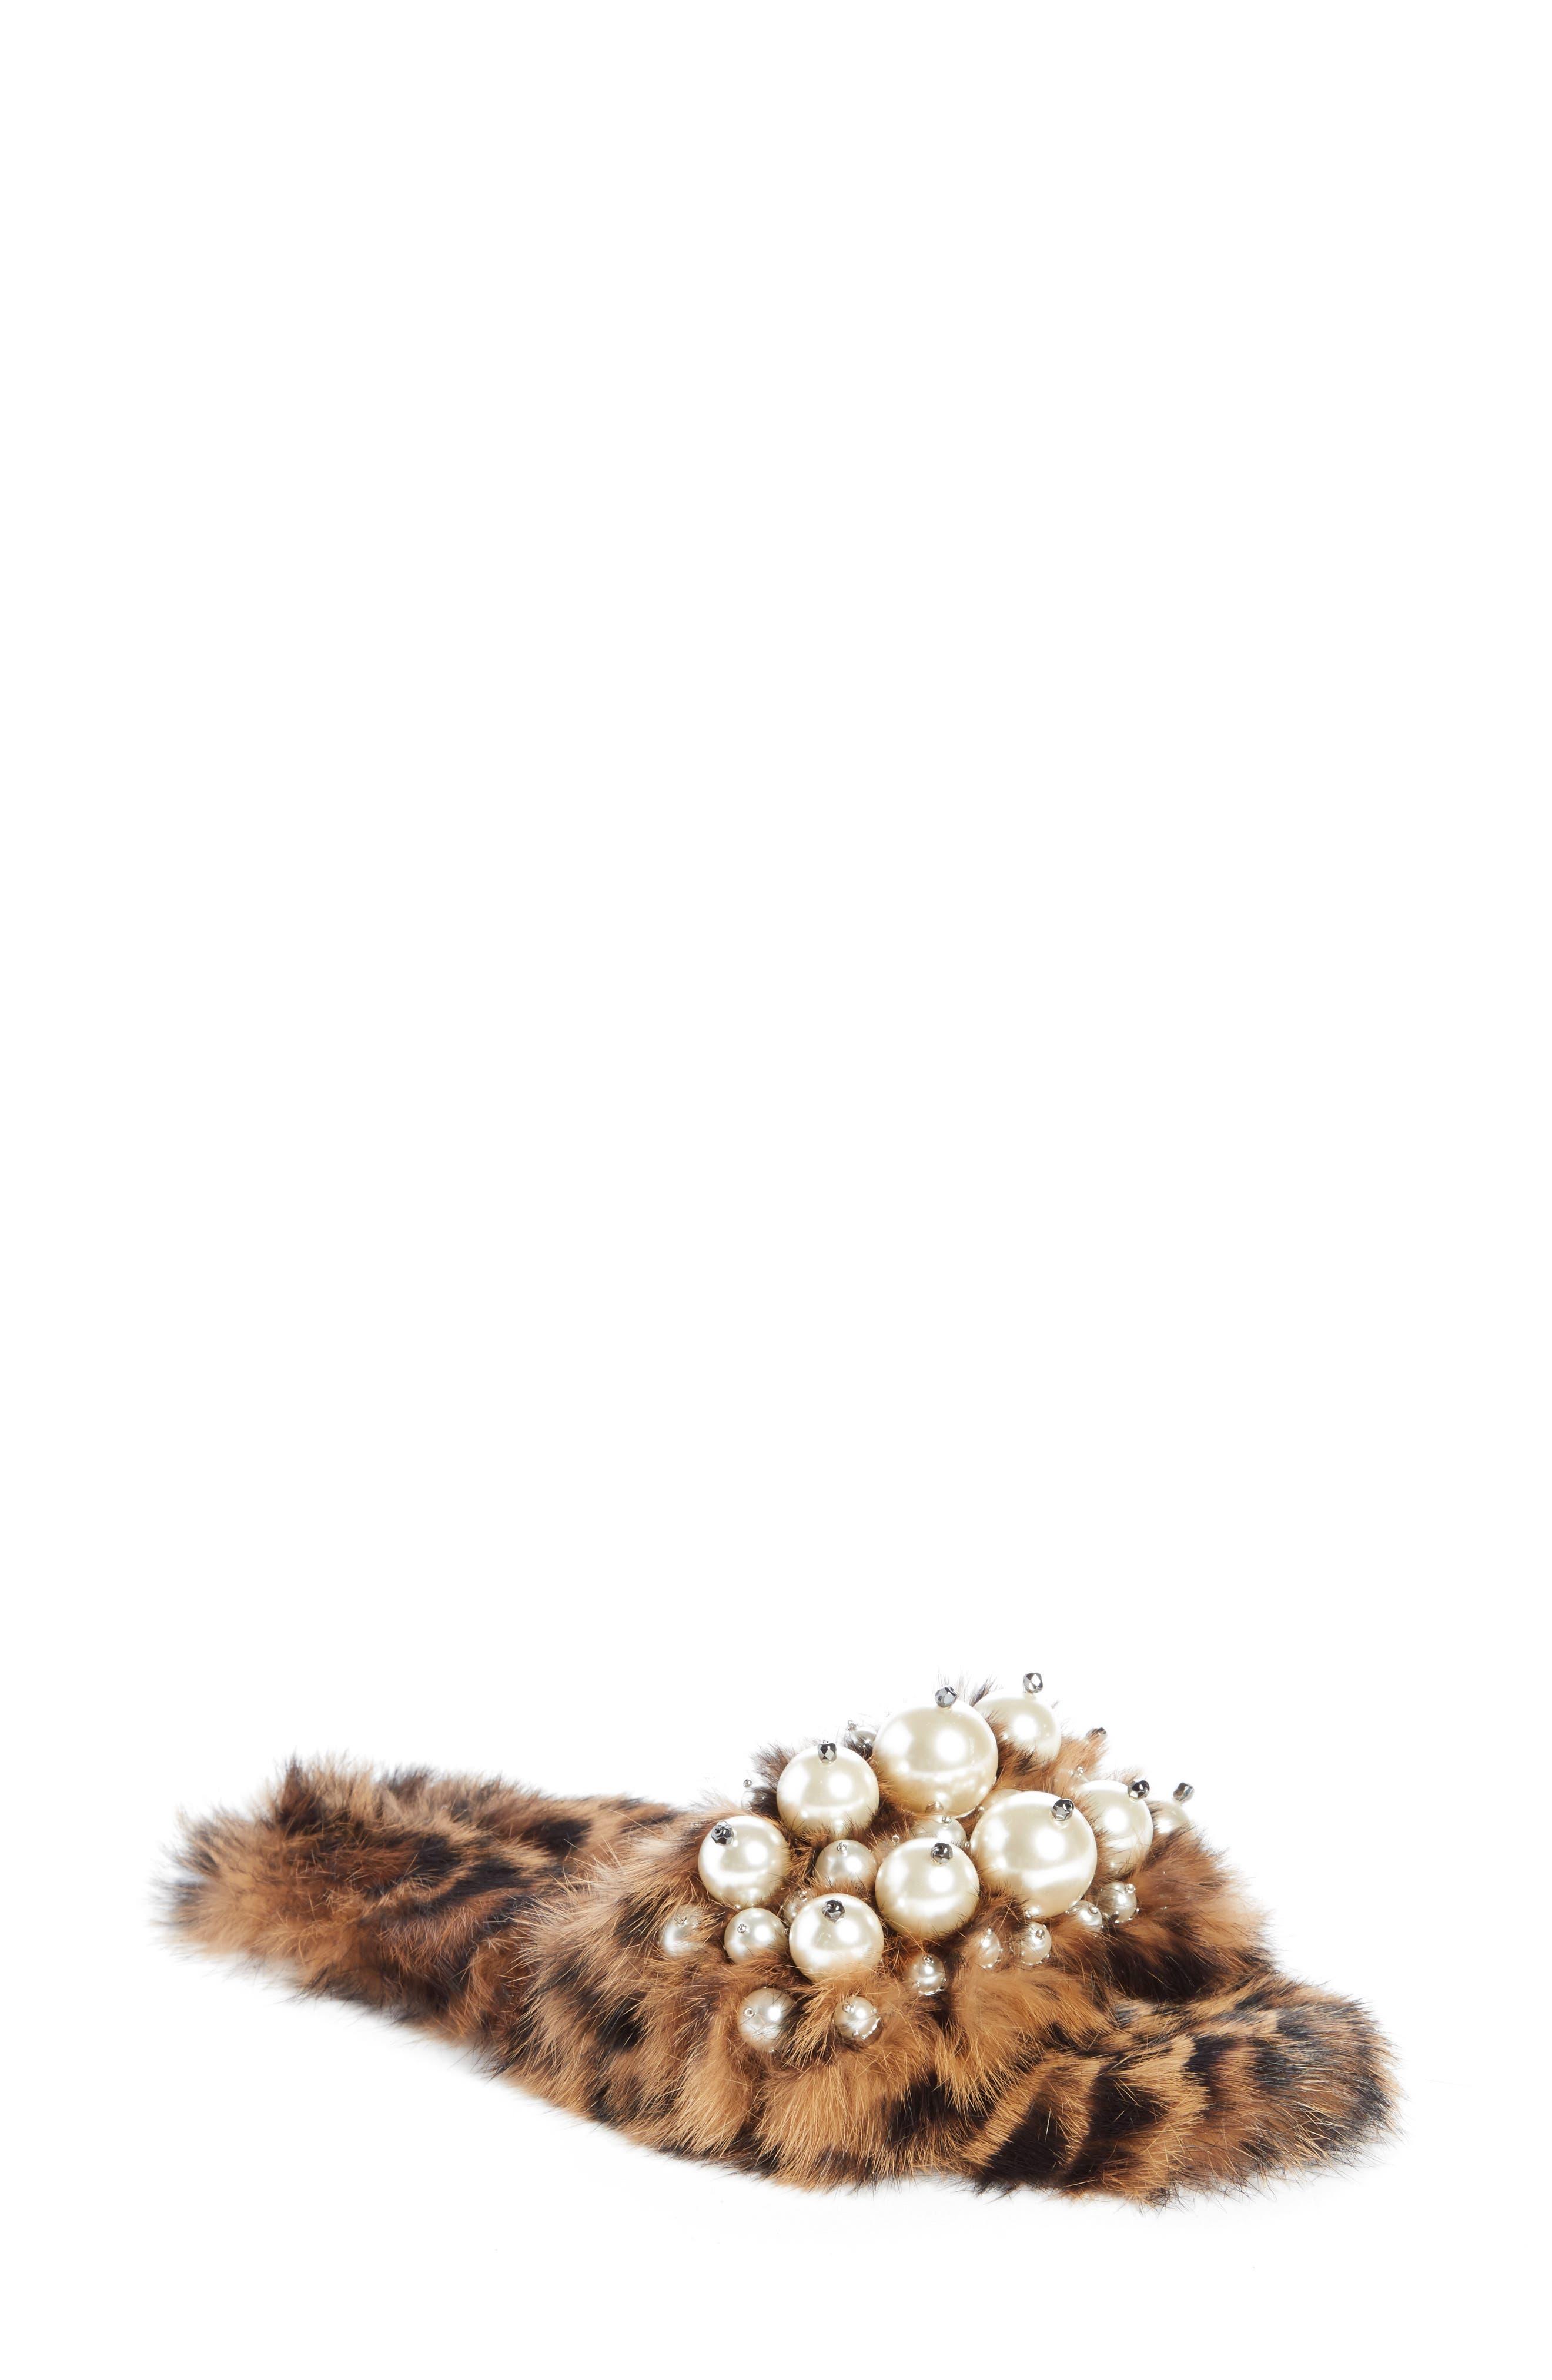 Alternate Image 1 Selected - Miu Miu Genuine Rabbit Fur Slide Sandal (Women)